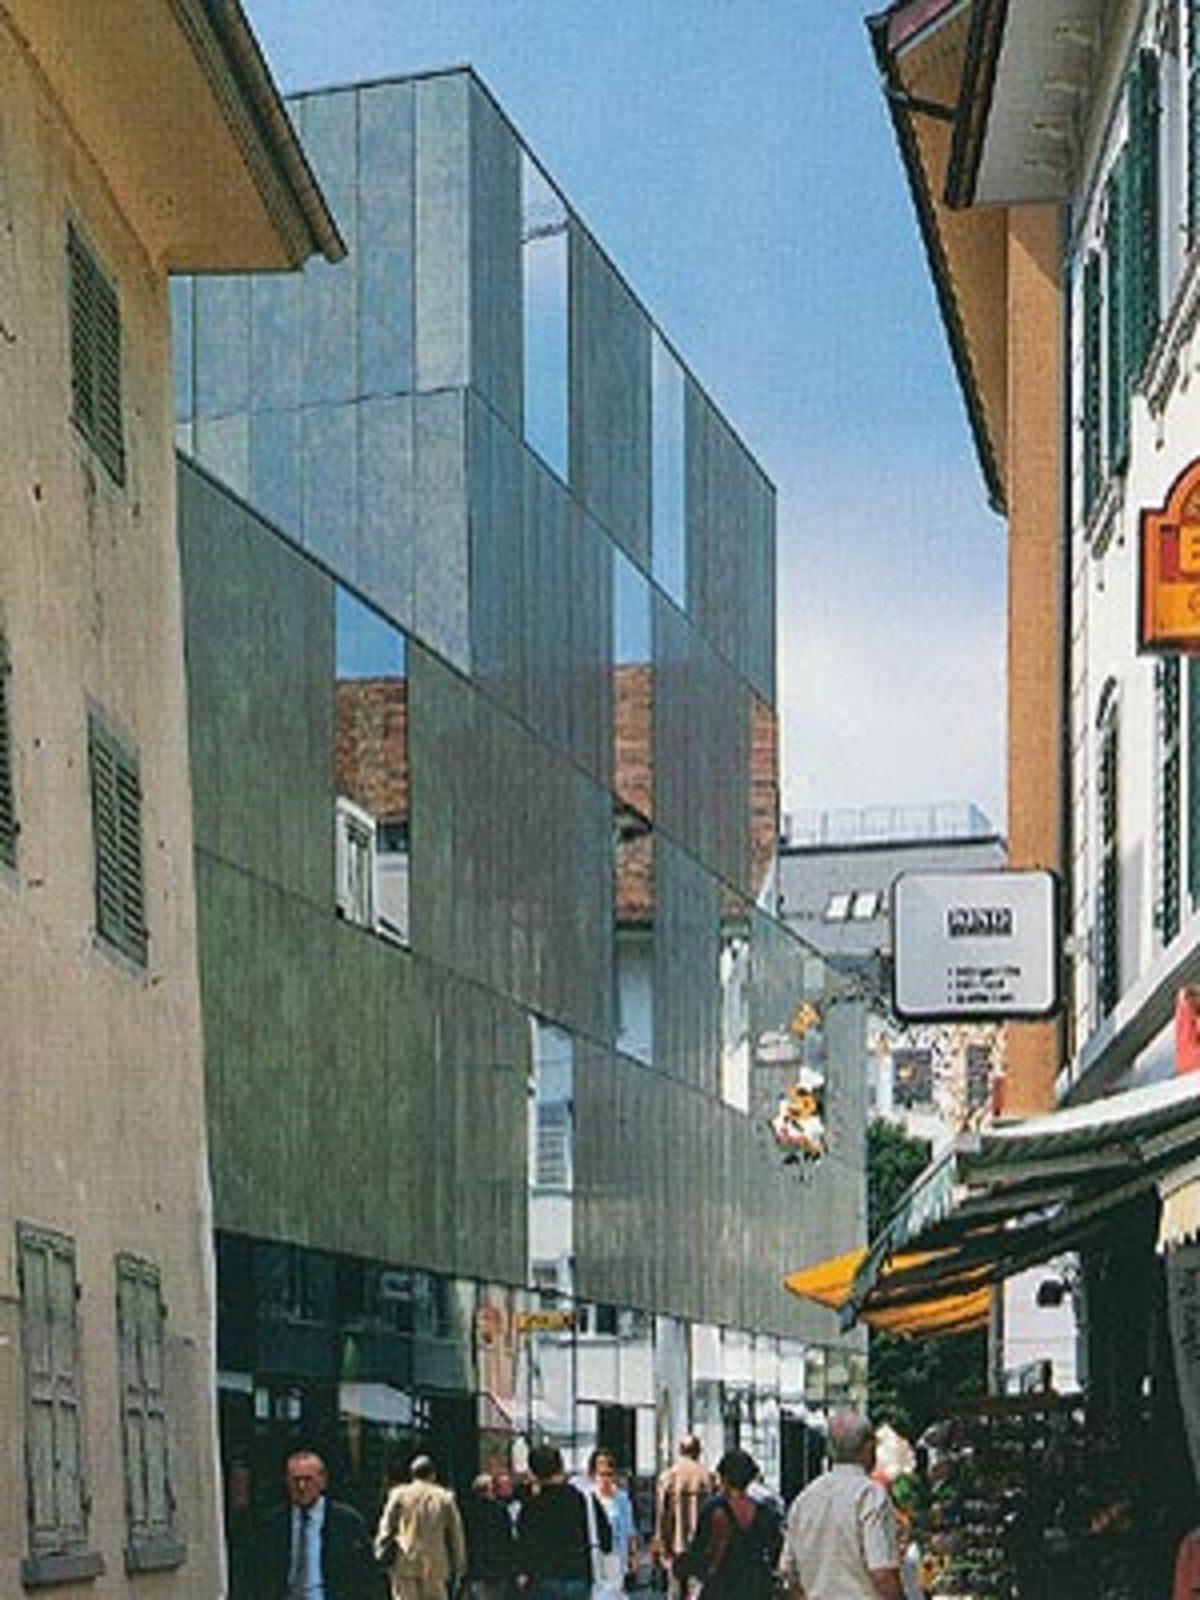 Migros Shopping Center, Lucerne, Switzerland